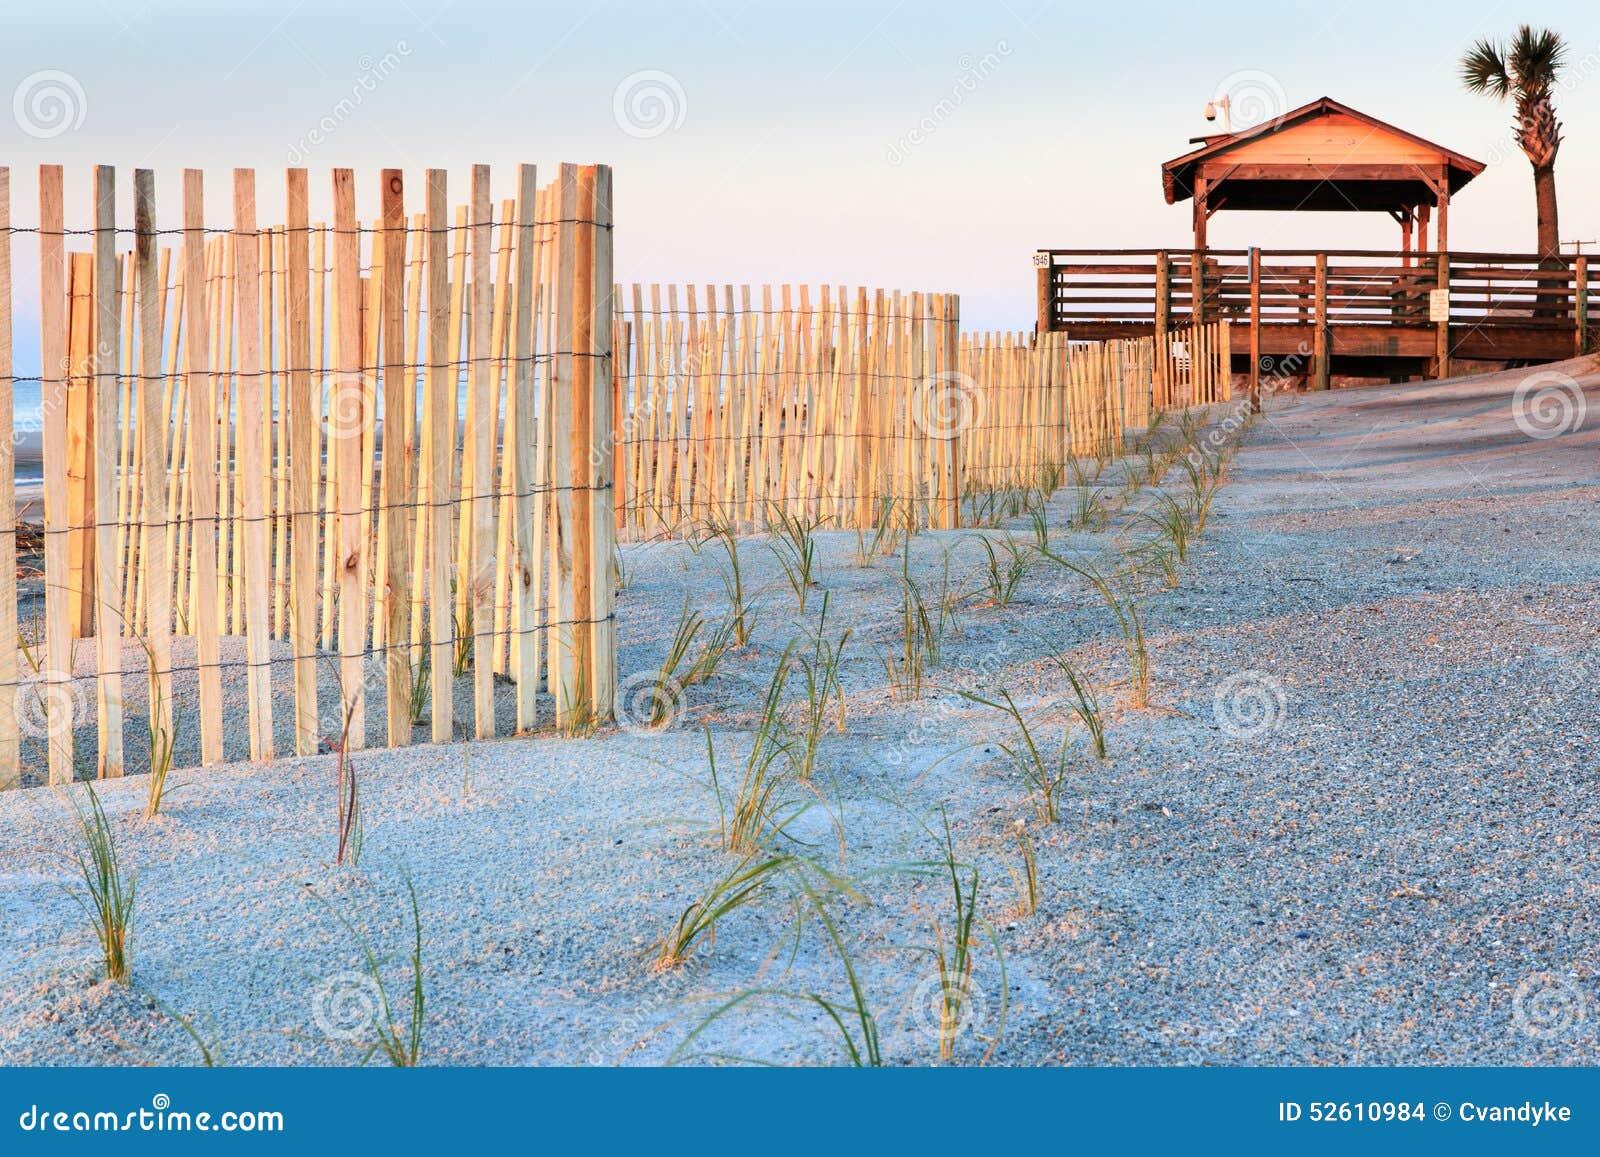 Sand fences and New Plants Folly Beach SC